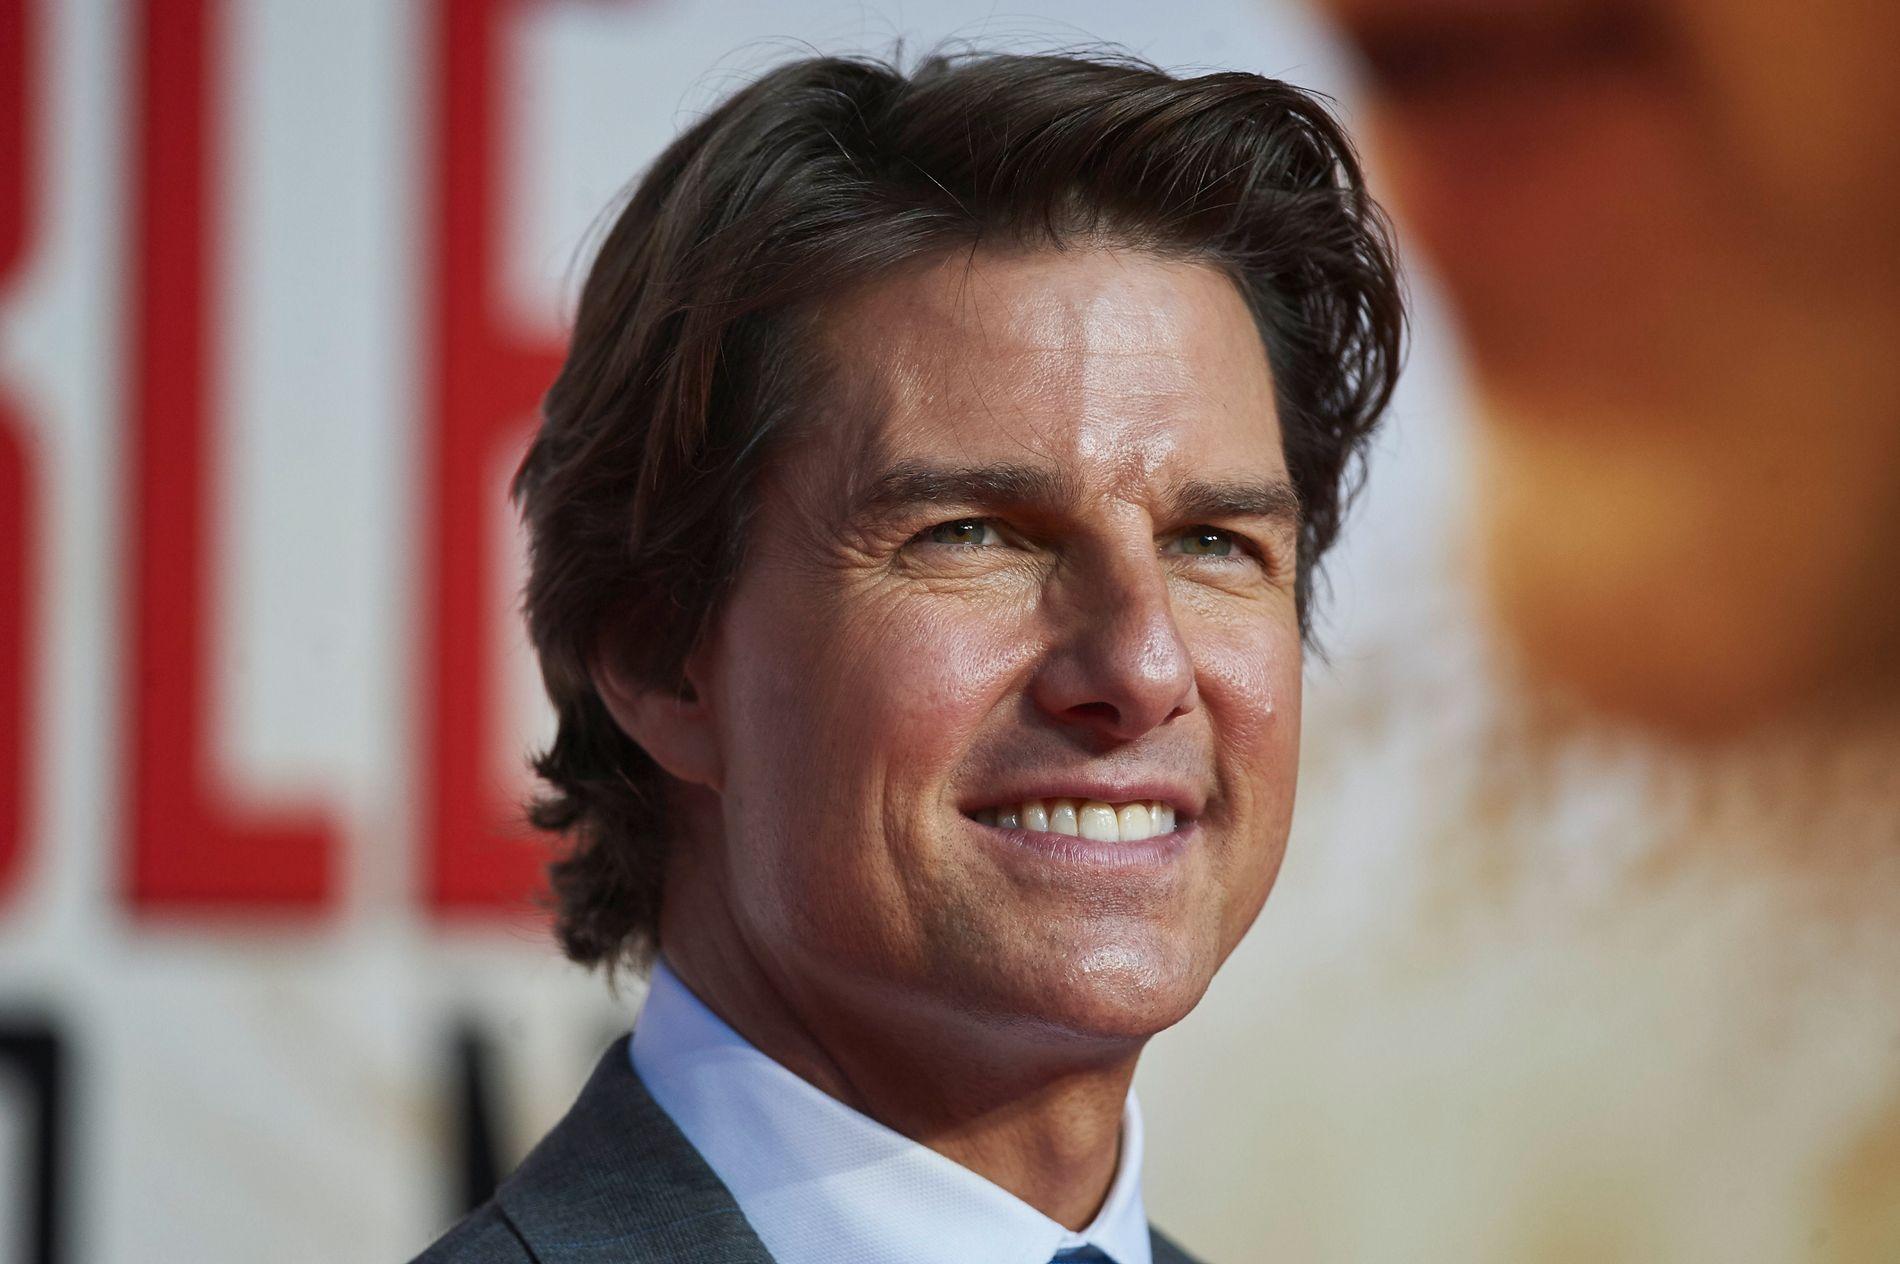 SKAPER OVERSKRIFTER: Tom Cruise beskyttes godt fra publikum og media på sin norgesreise.